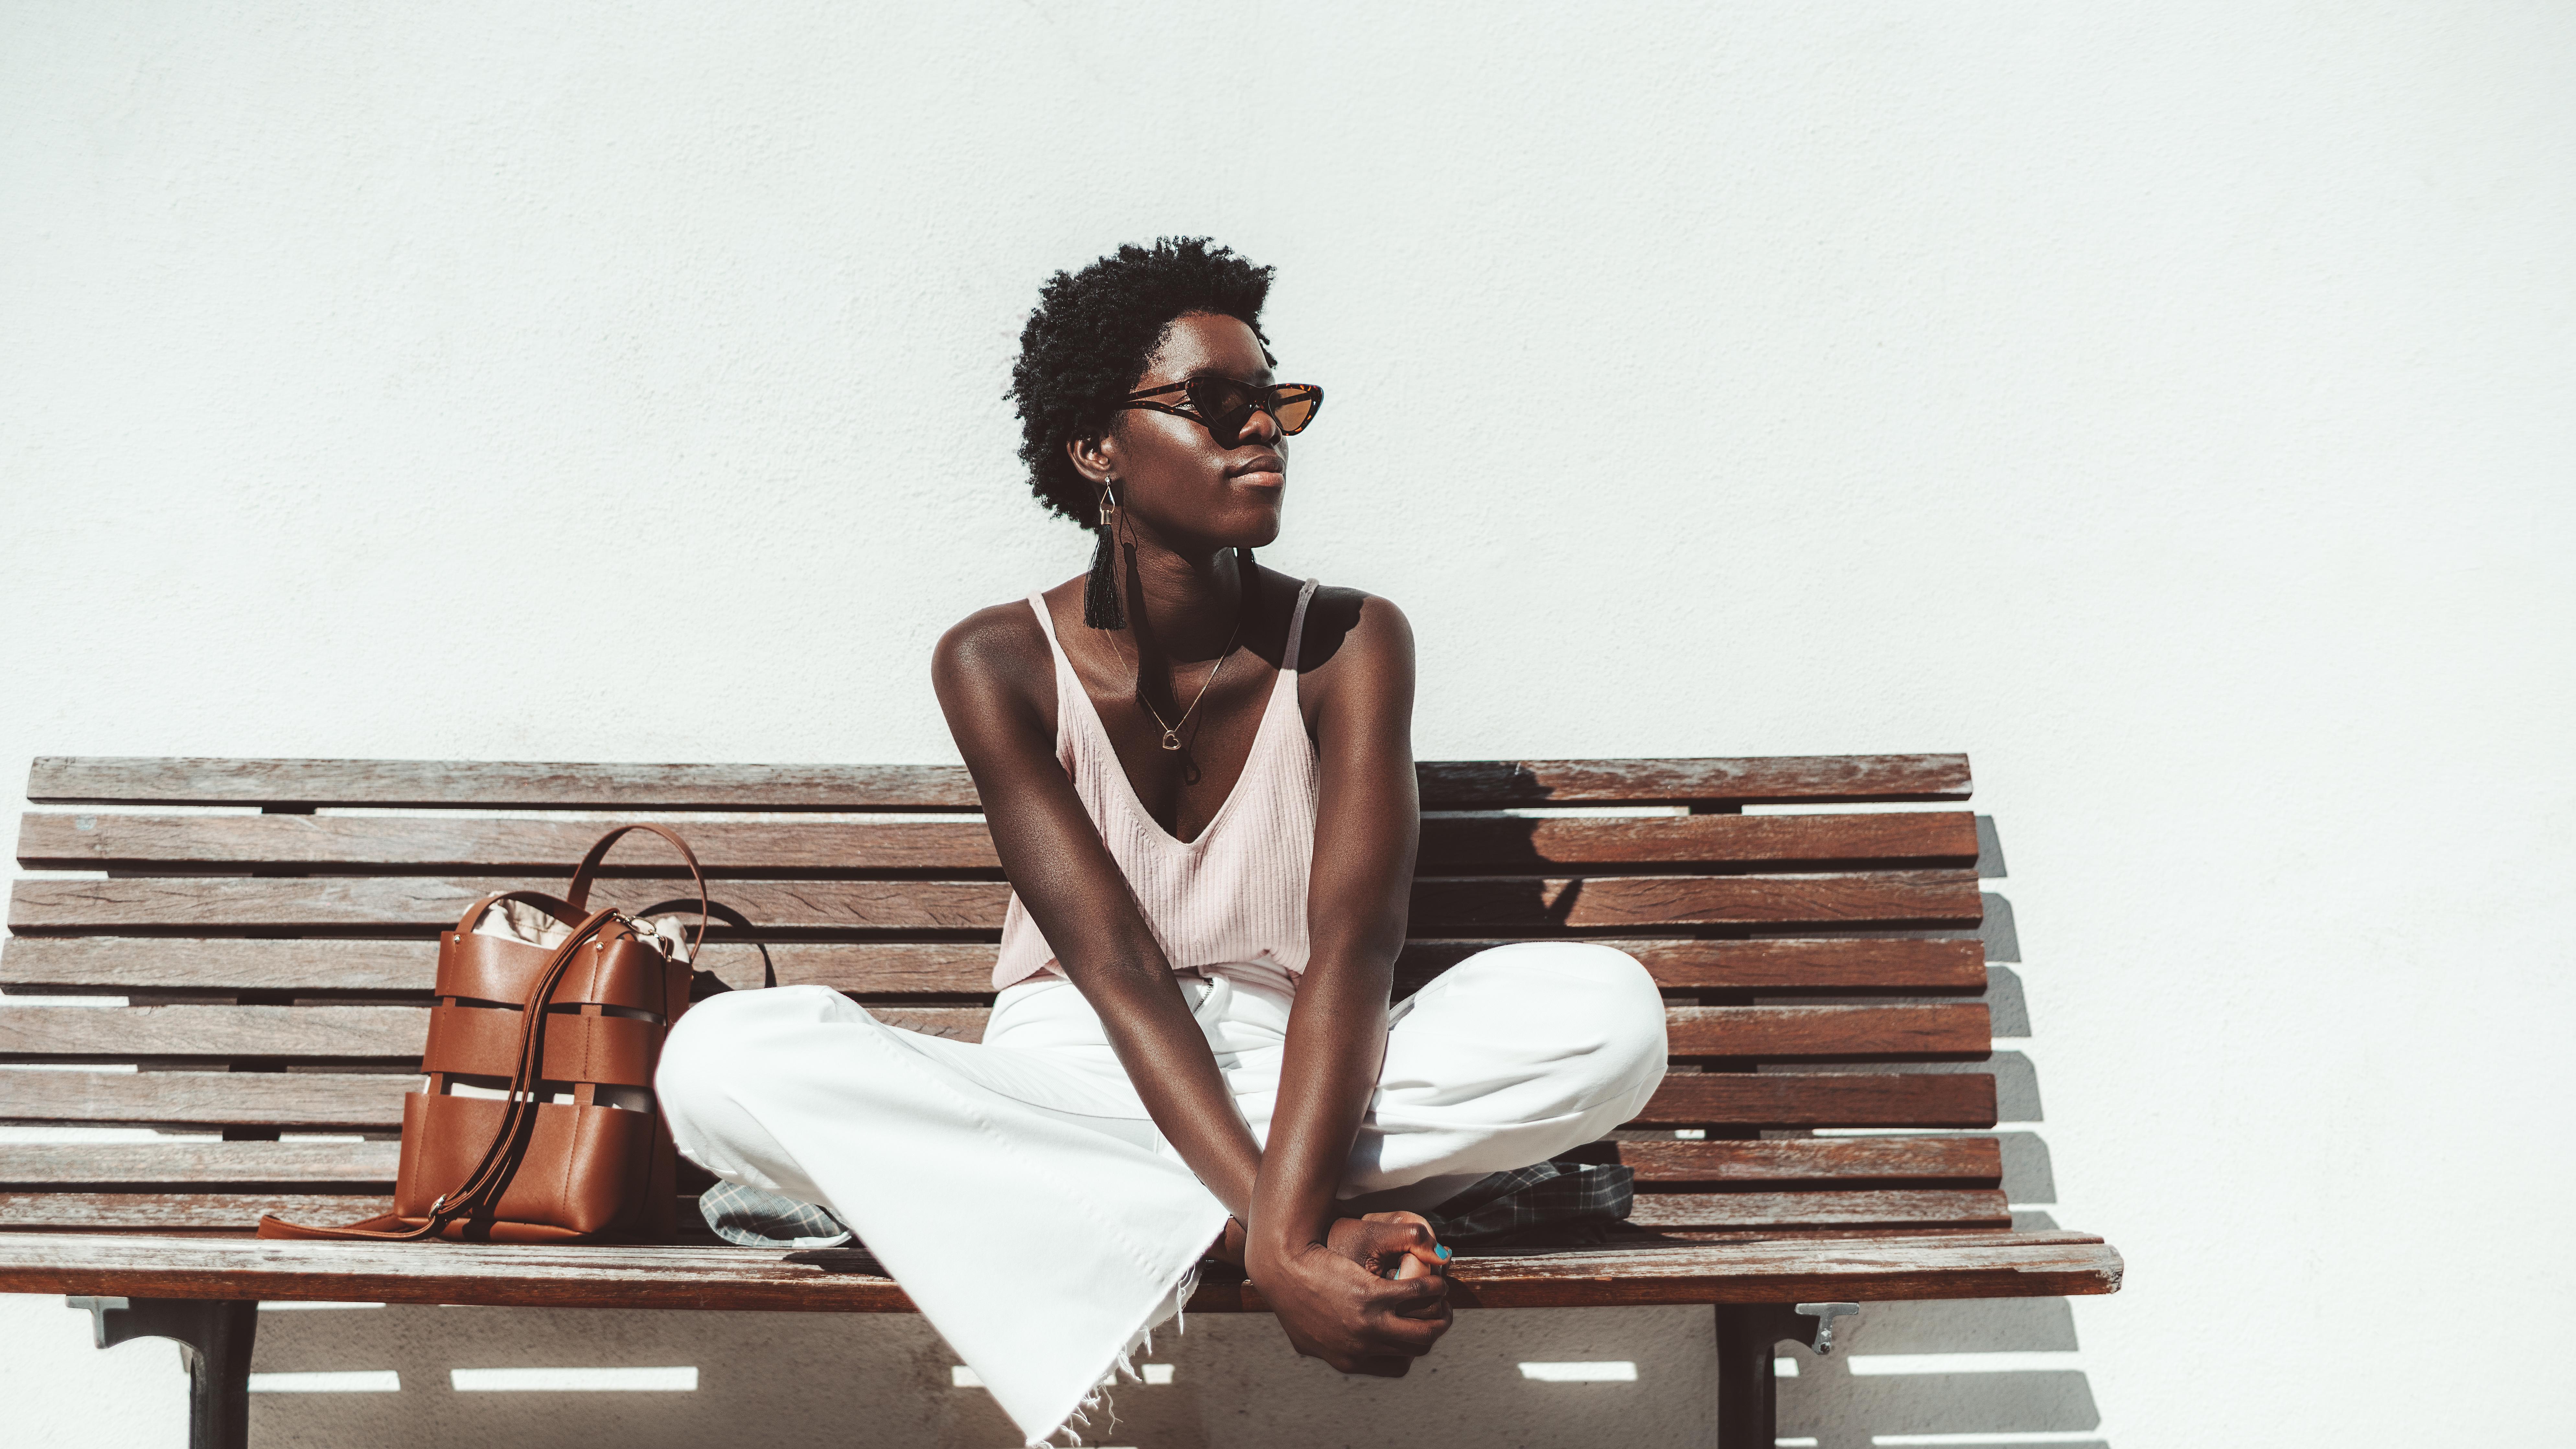 Mulher sentada no banco